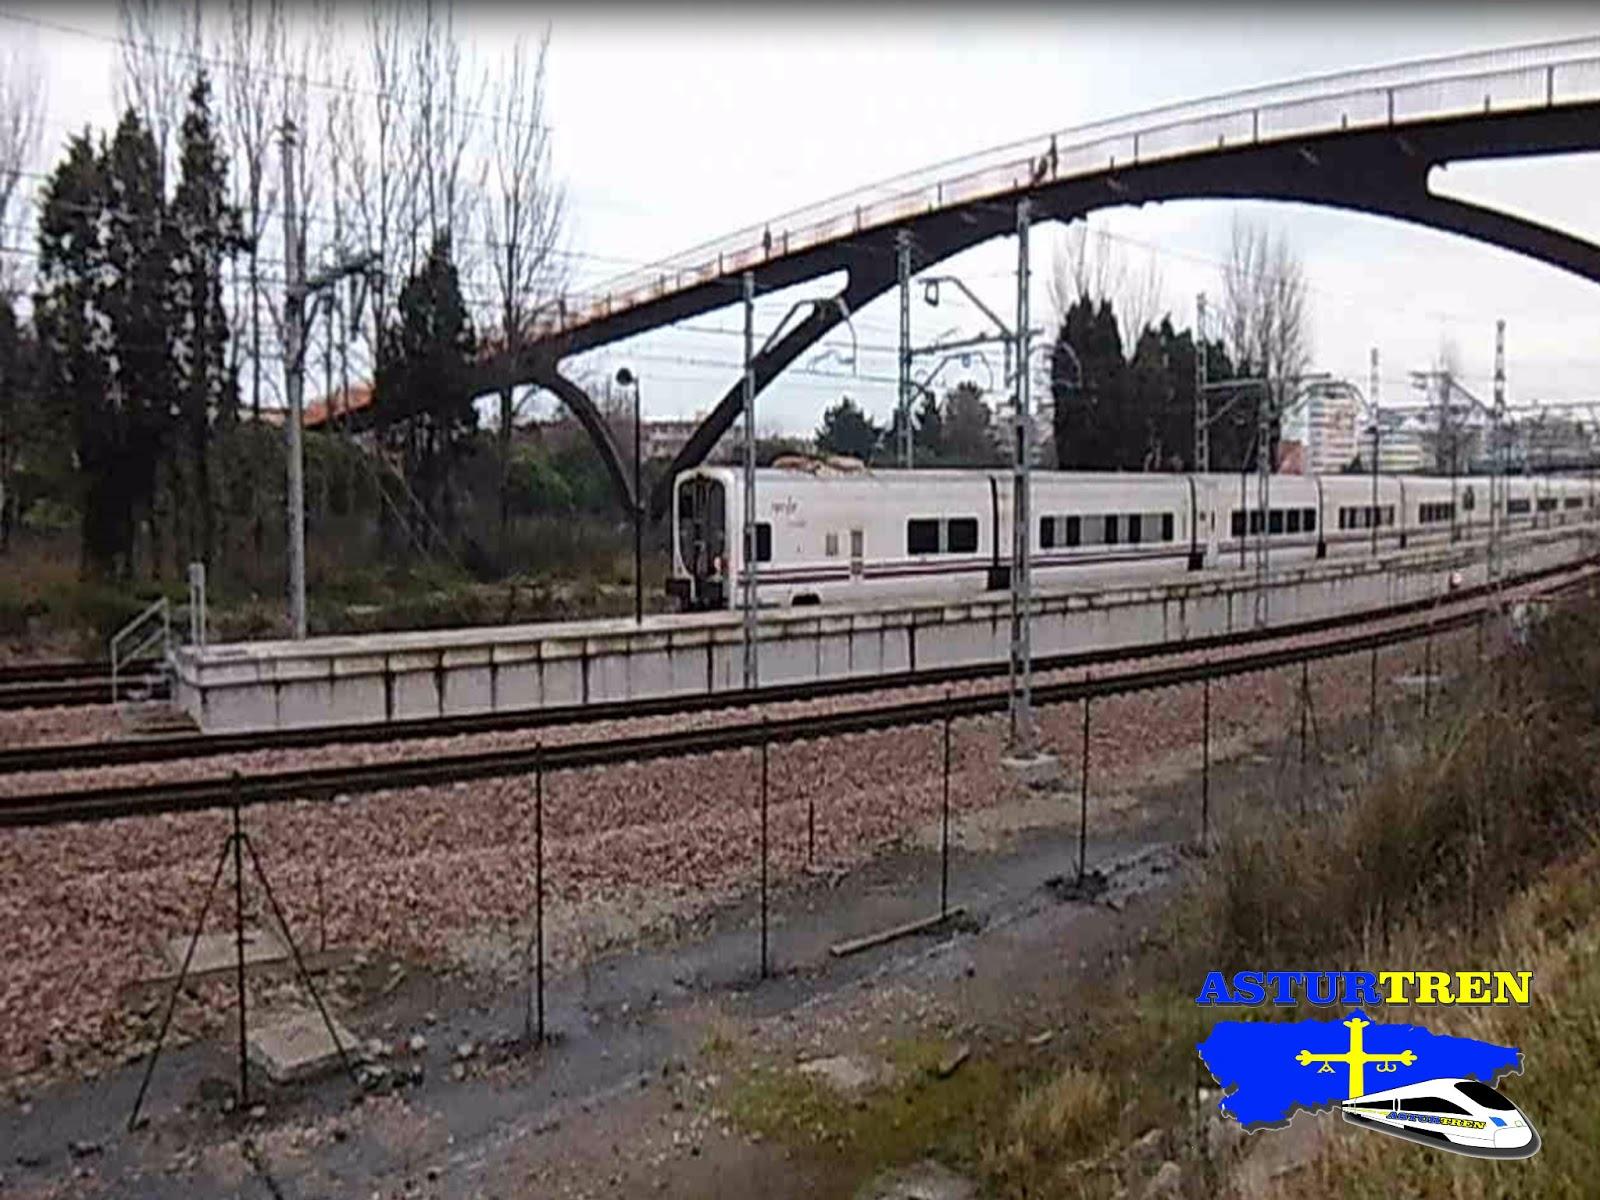 Asturtren esta es la historia sobre las conexiones for Trenhotel de barcelona a paris